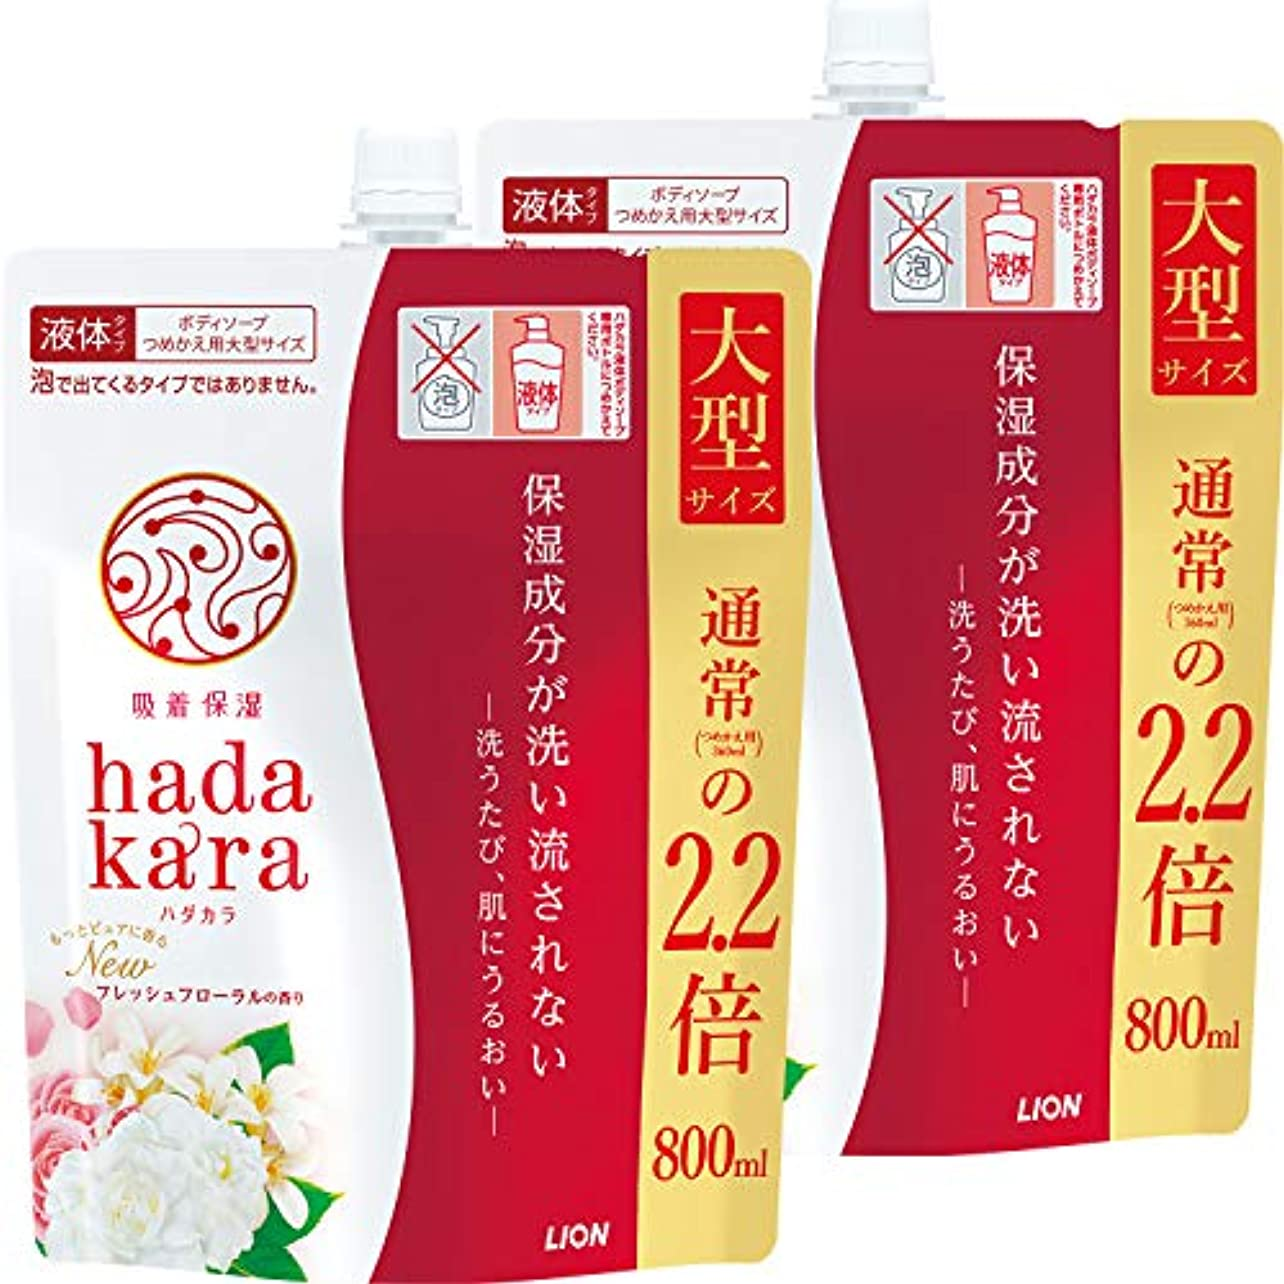 行う時計庭園hadakara(ハダカラ) ボディソープ フレッシュフローラルの香り つめかえ用大型サイズ 800ml×2個